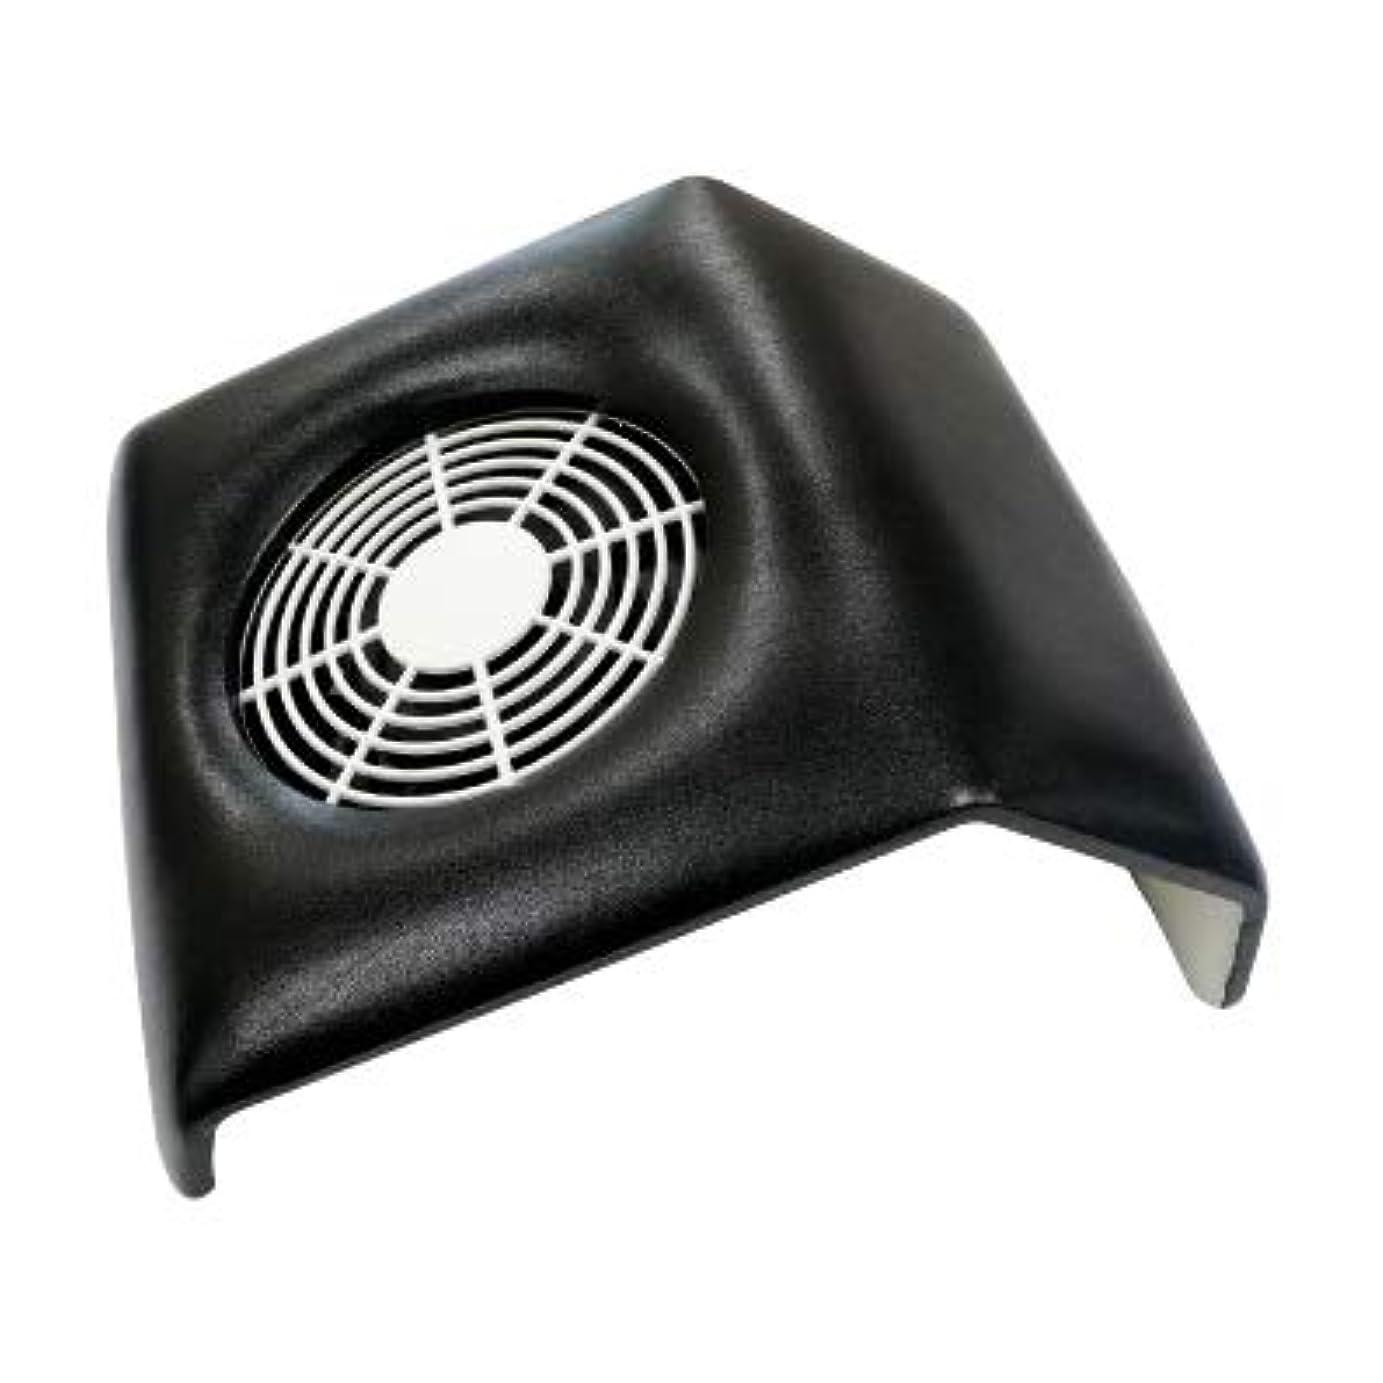 ローブ欠伸メンバー集塵機 コンパクトタイプ ネイルダストクリーナー Compact Nail Dust Cleaner バッグ付き ネイルオフ ダストコレクター (ブラック)